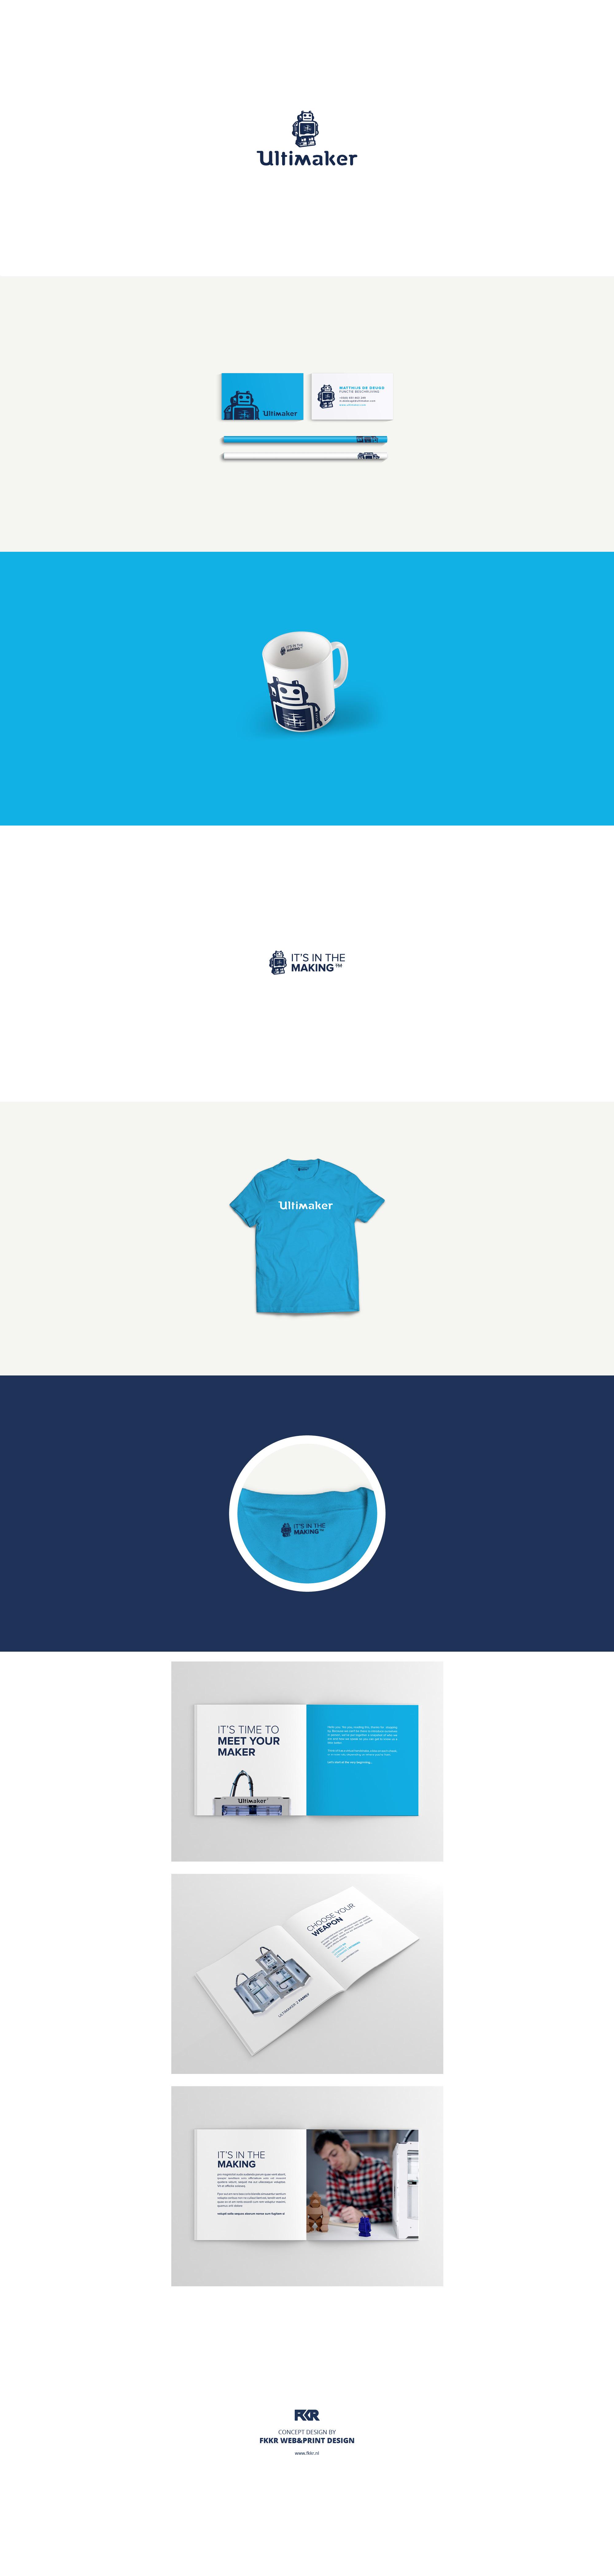 Ultimaker-branding-presentation-indd